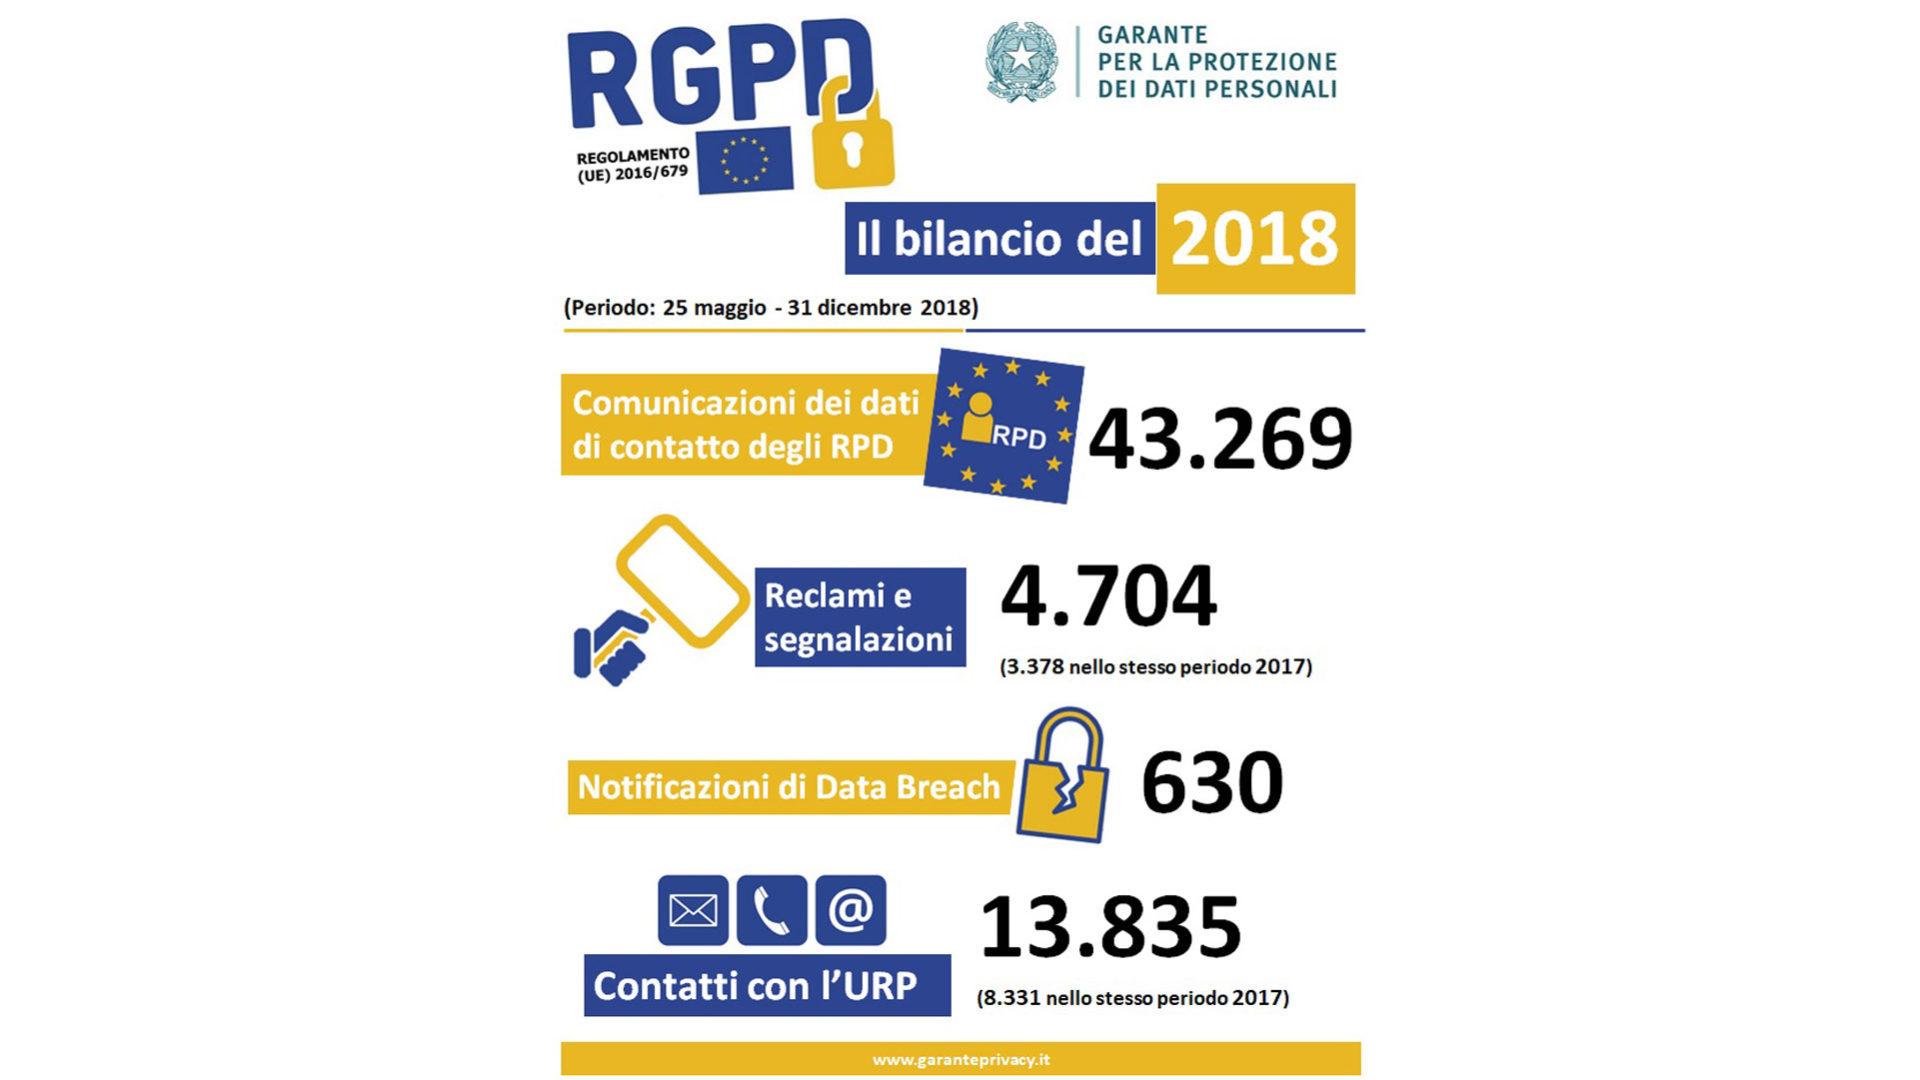 Slide esplicativa del bilancio delle attività 25 maggio – 31 dicembre 2018 Fonte: Garante per la protezione dei dati personali